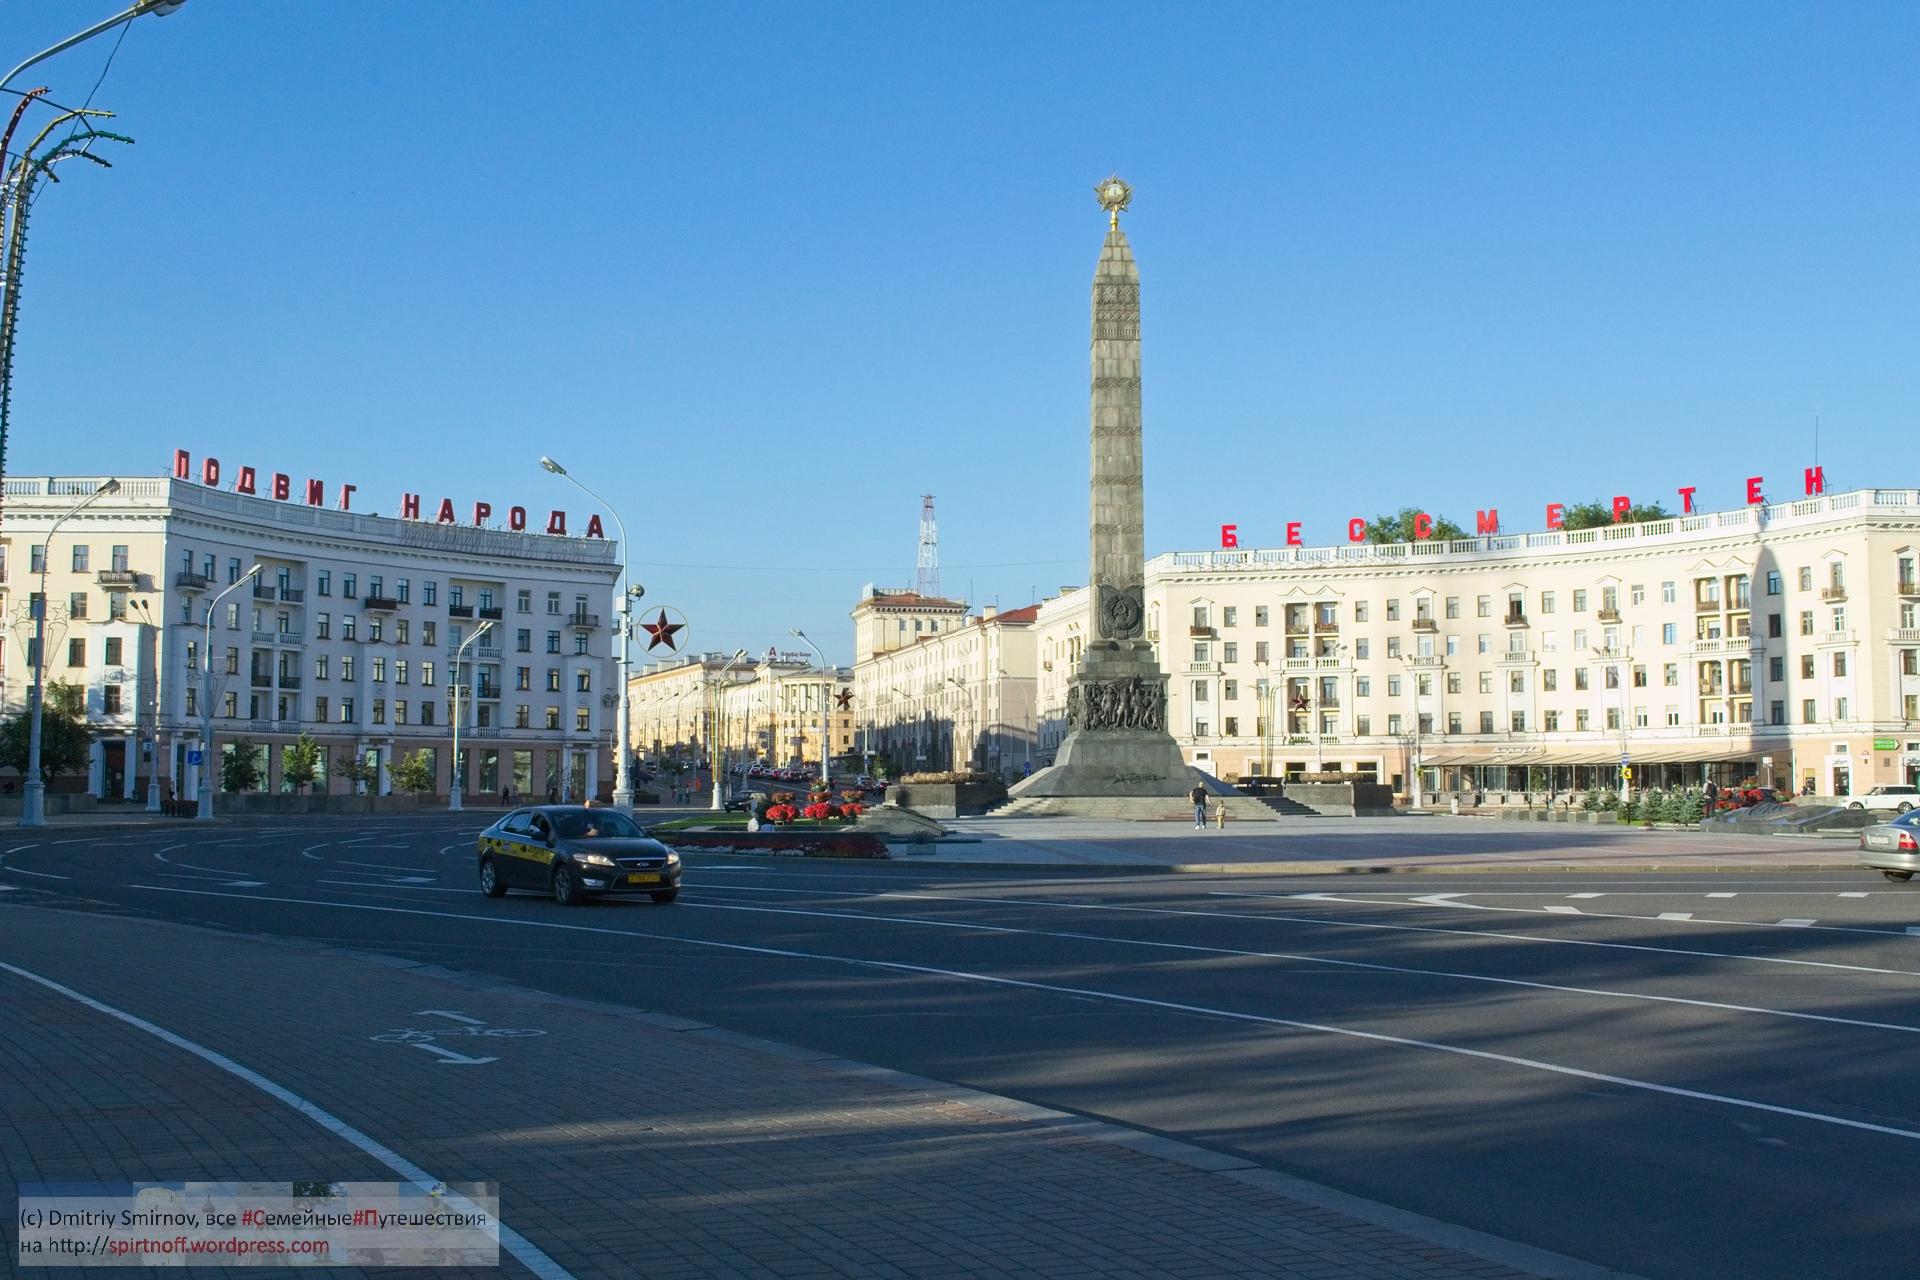 DSC_6829-Blog-2 Путешествия  Минск, Площадь победы, Проспект Независимости, Цирк, Дворец республики